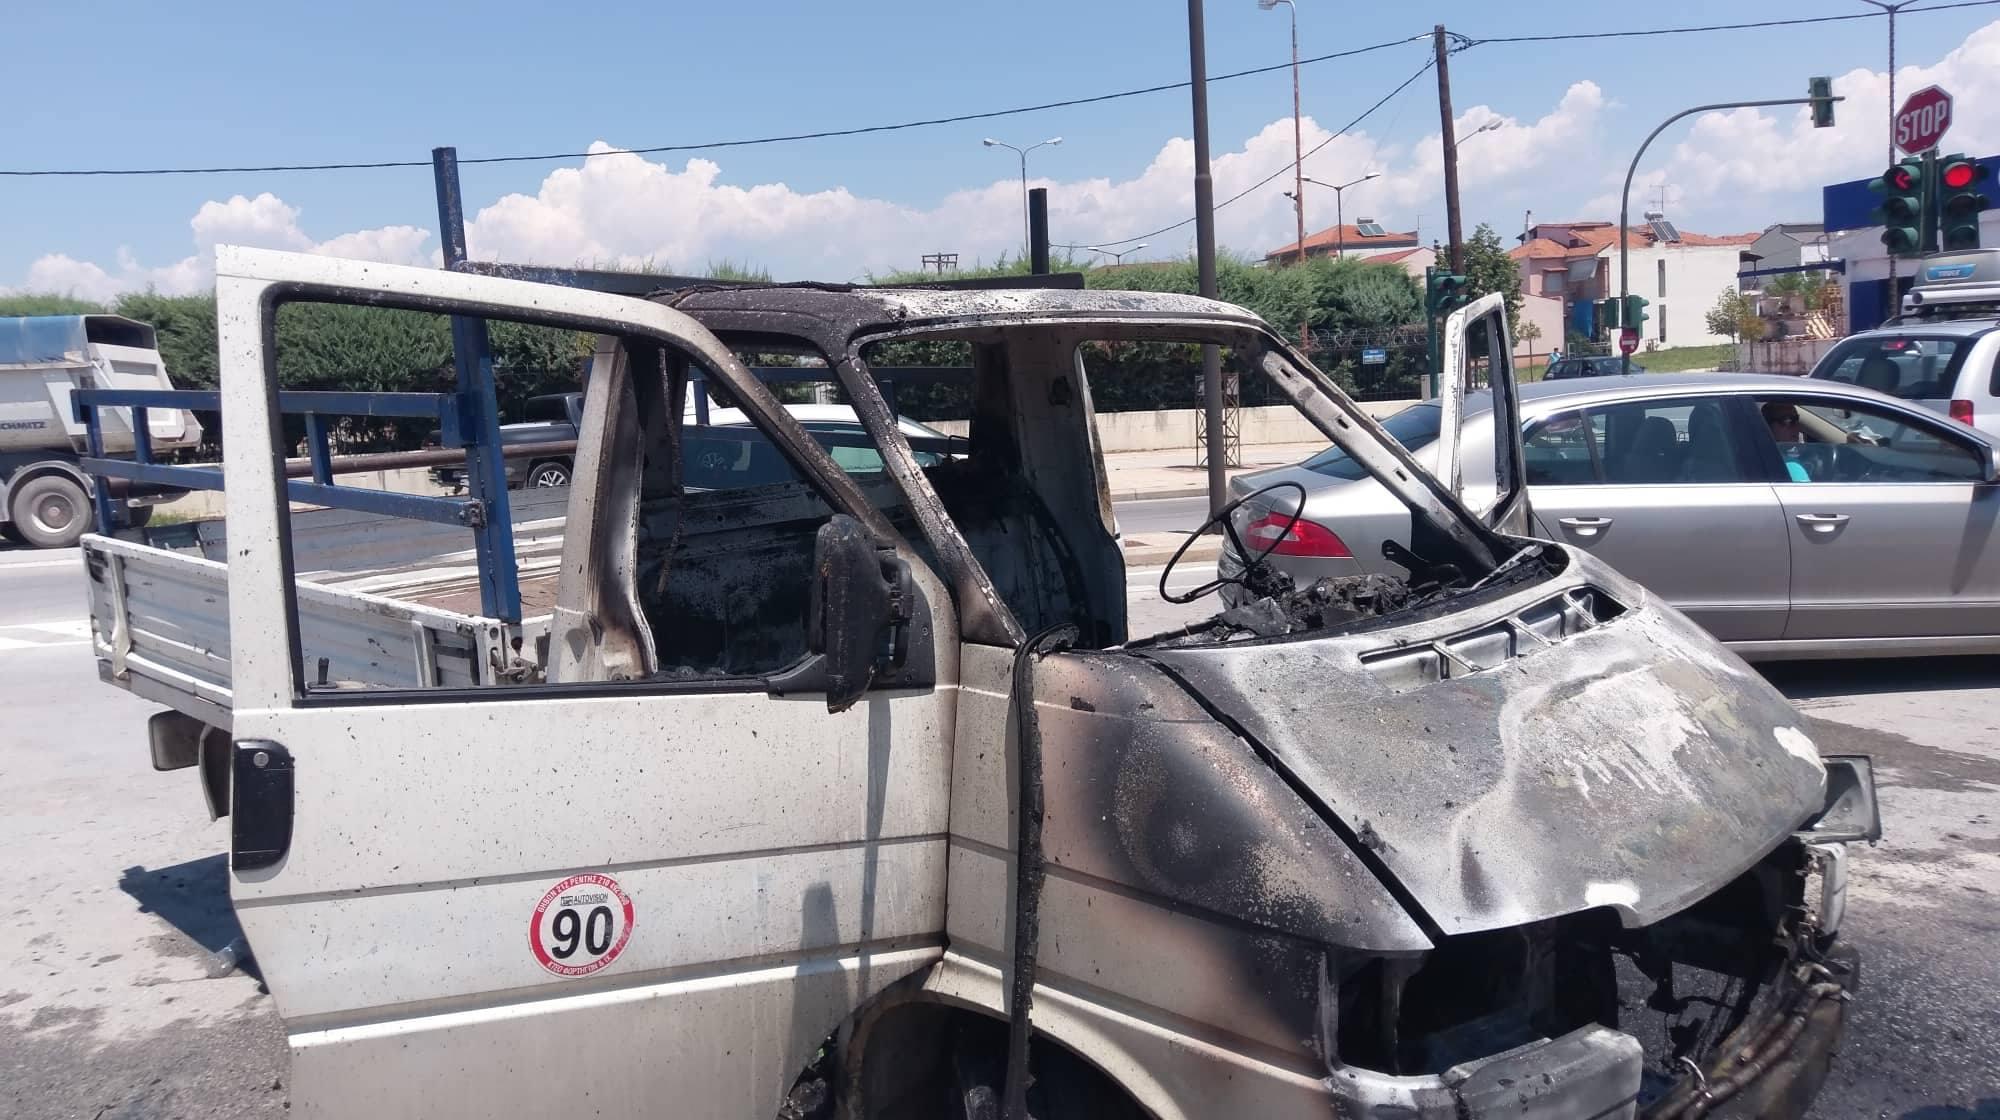 φωτια φορτηγακι λαρισα (3)